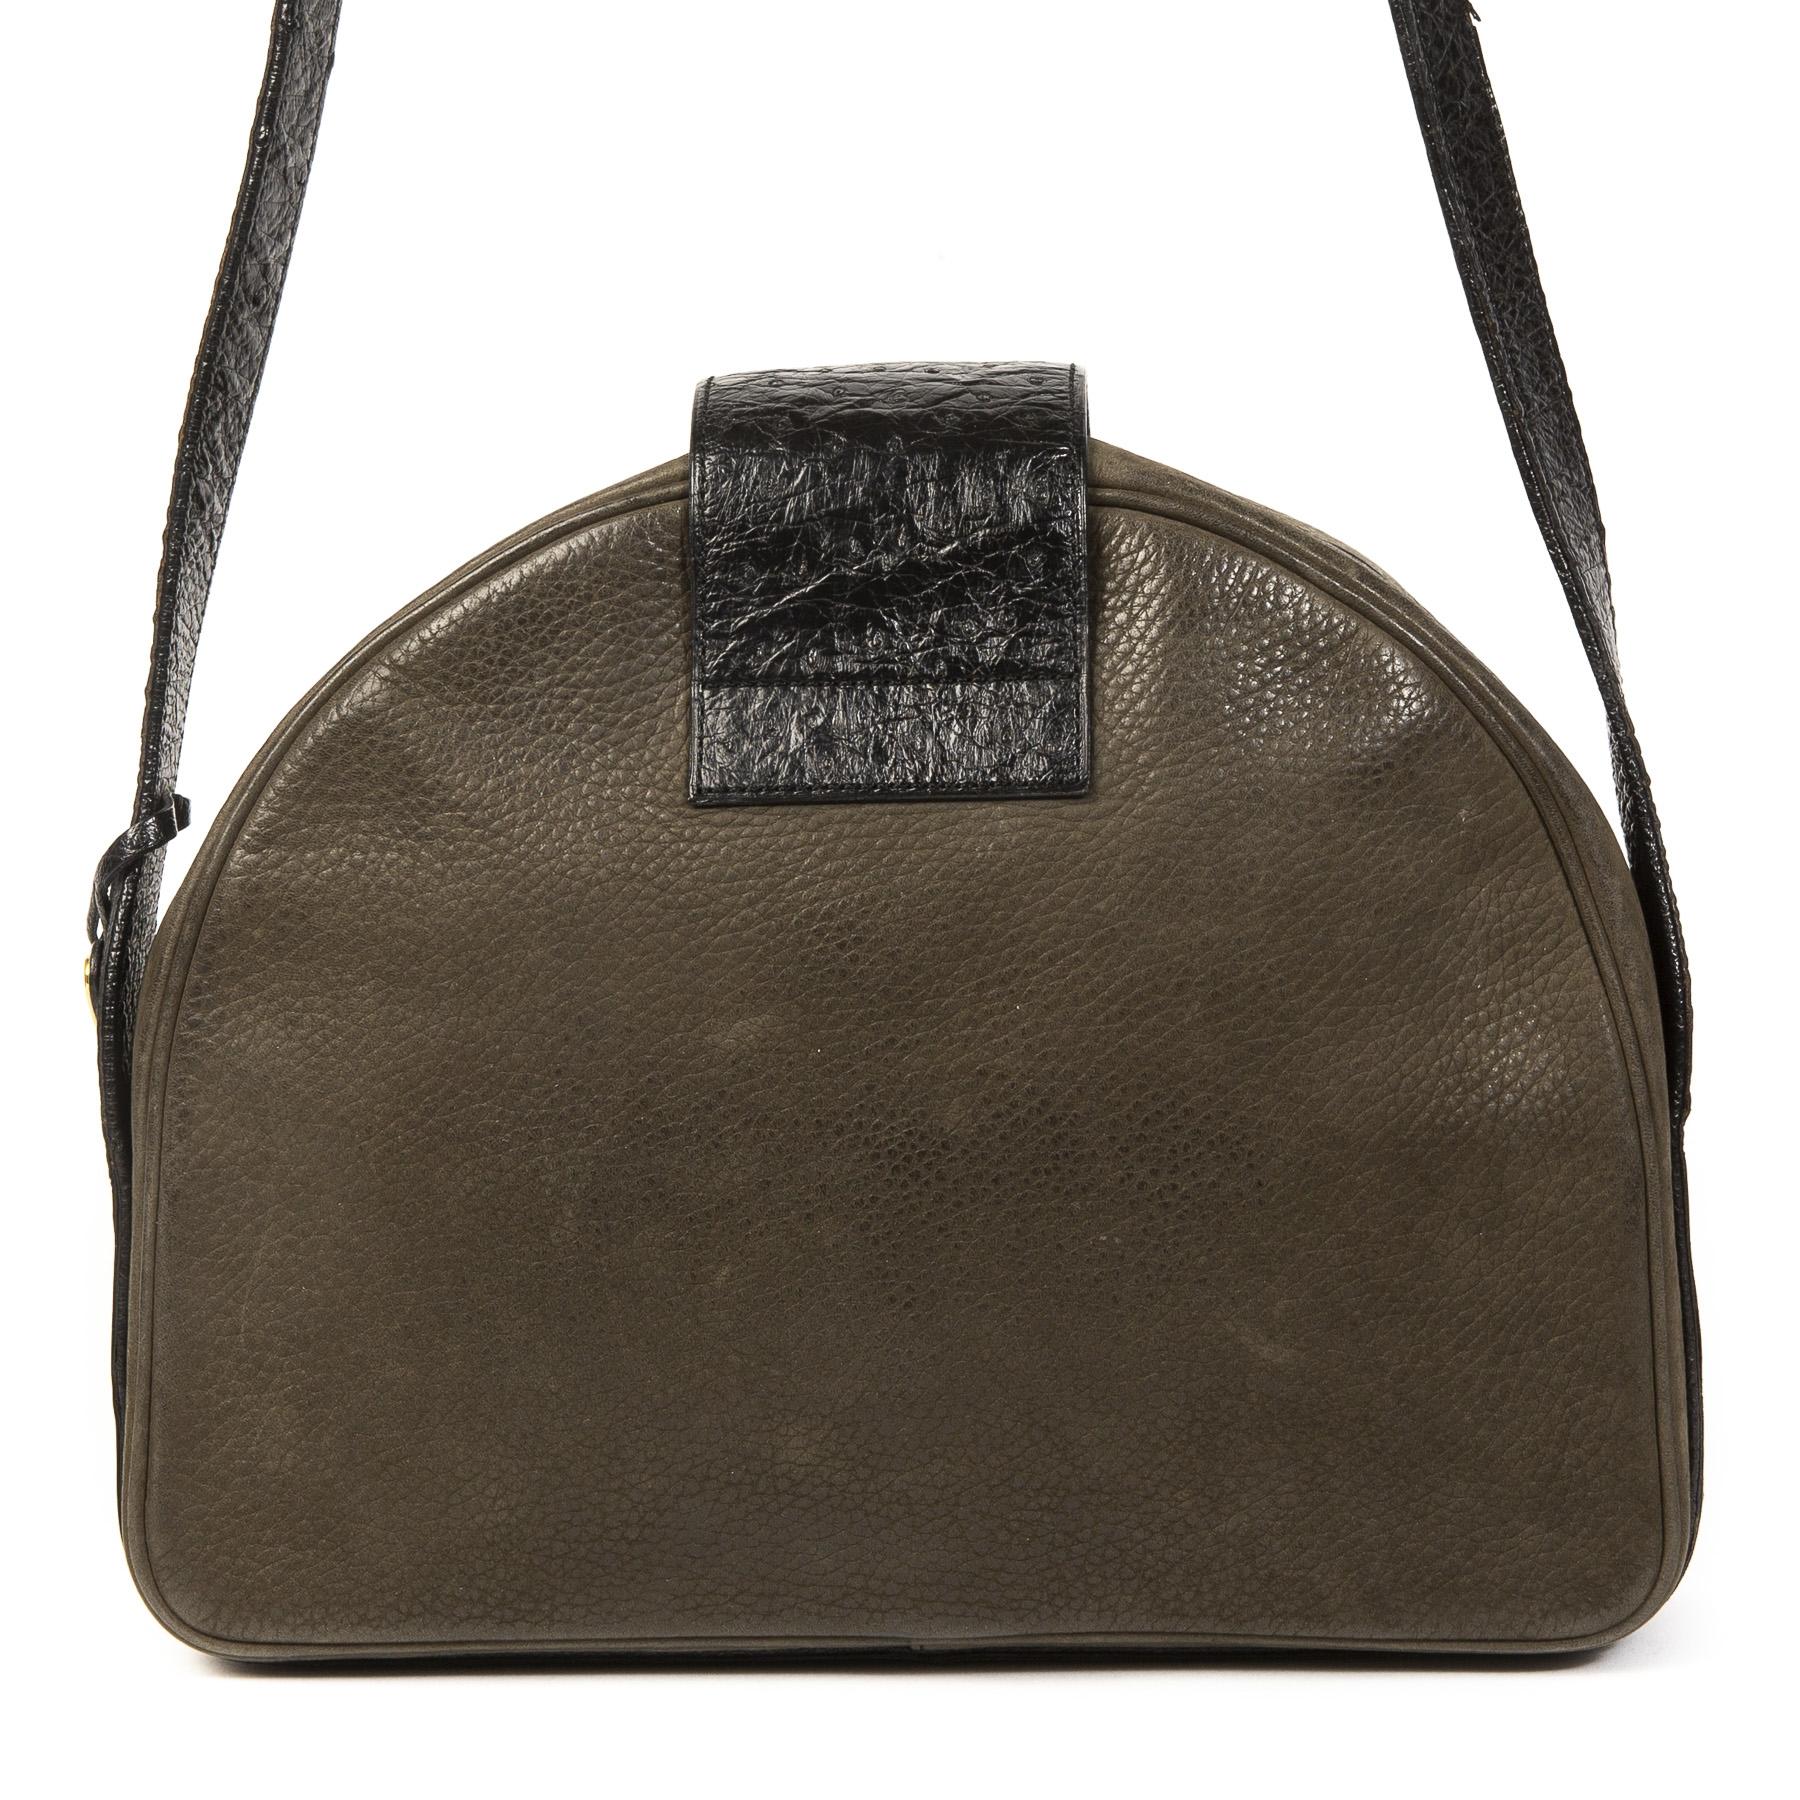 Authentieke Tweedehands Delvaux Green Leather Ostrich Detail Shoulder Bag juiste prijs veilig online shoppen luxe merken webshop winkelen Antwerpen België